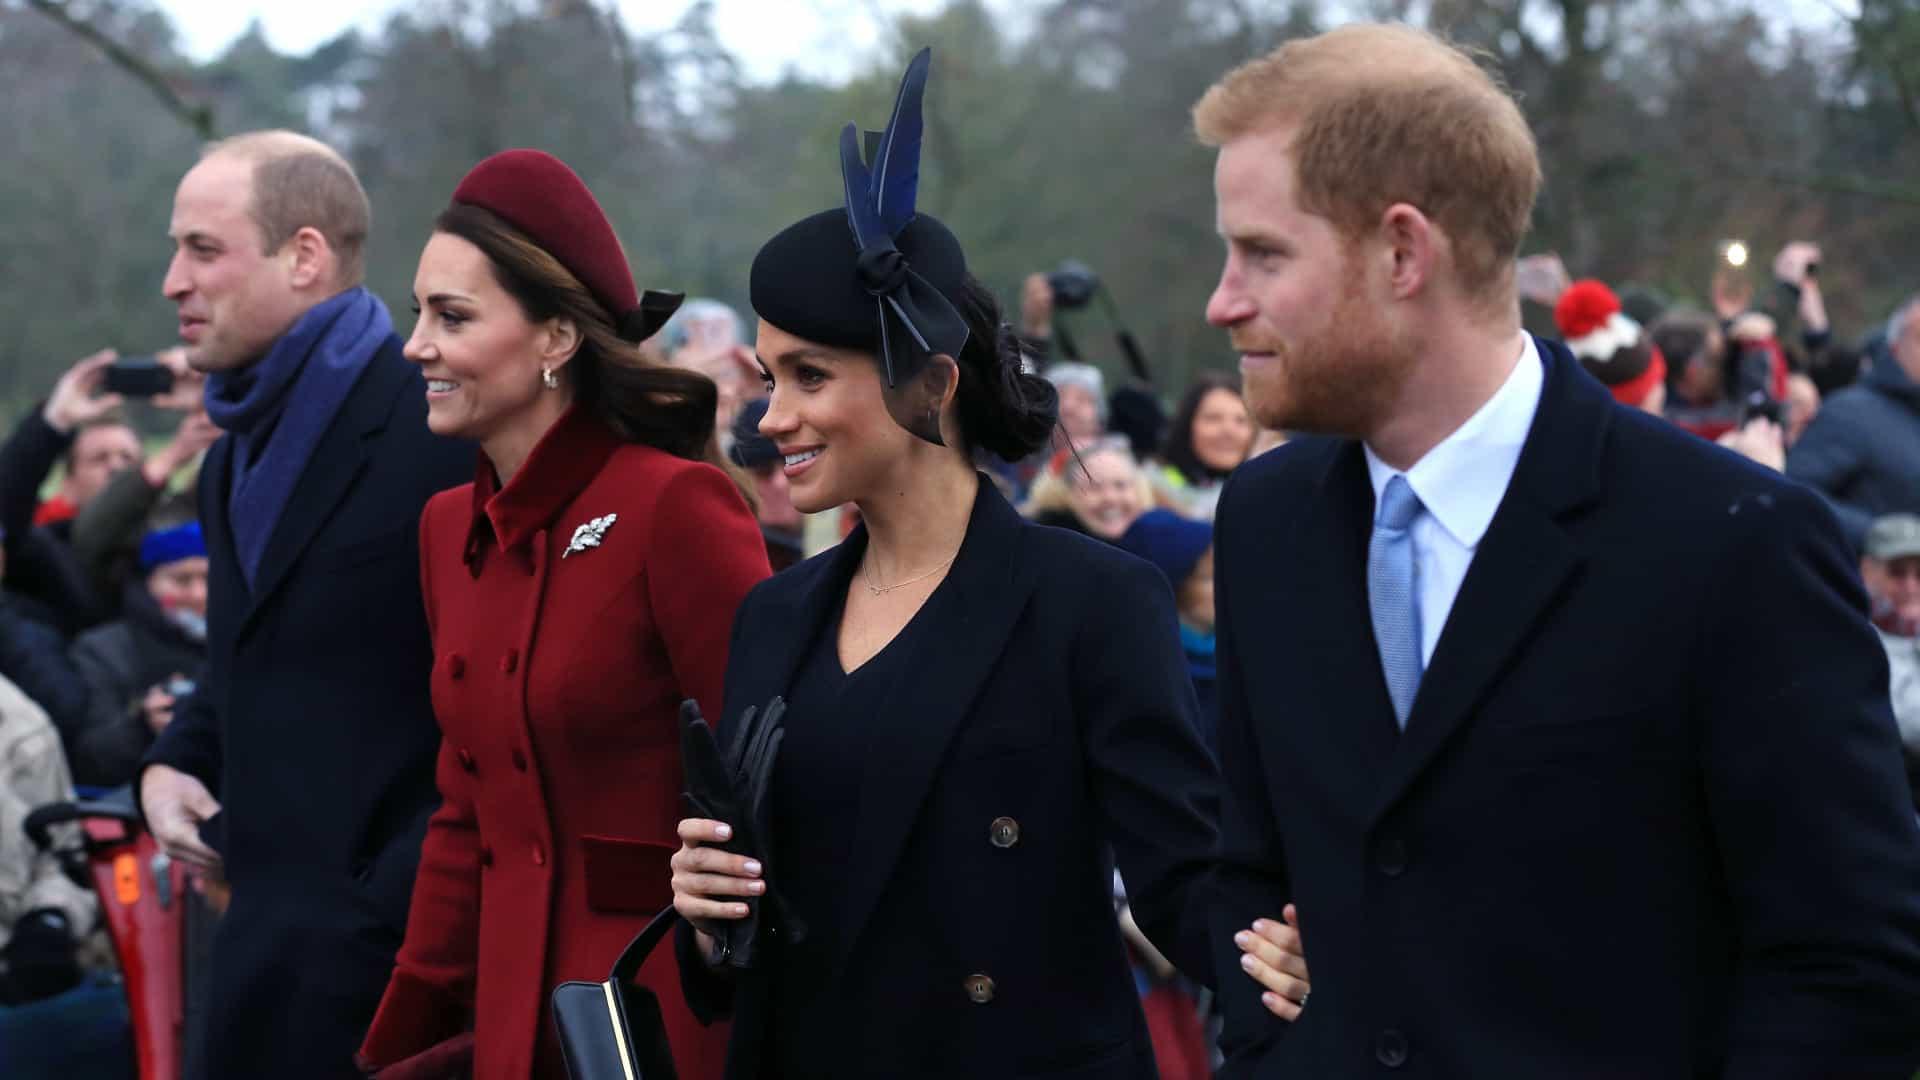 Naom 5Cd51353D52B3 Meghan Markle E Kate Middleton Juntas Para Assistirem A Jogo De Polo Com Os Filhos